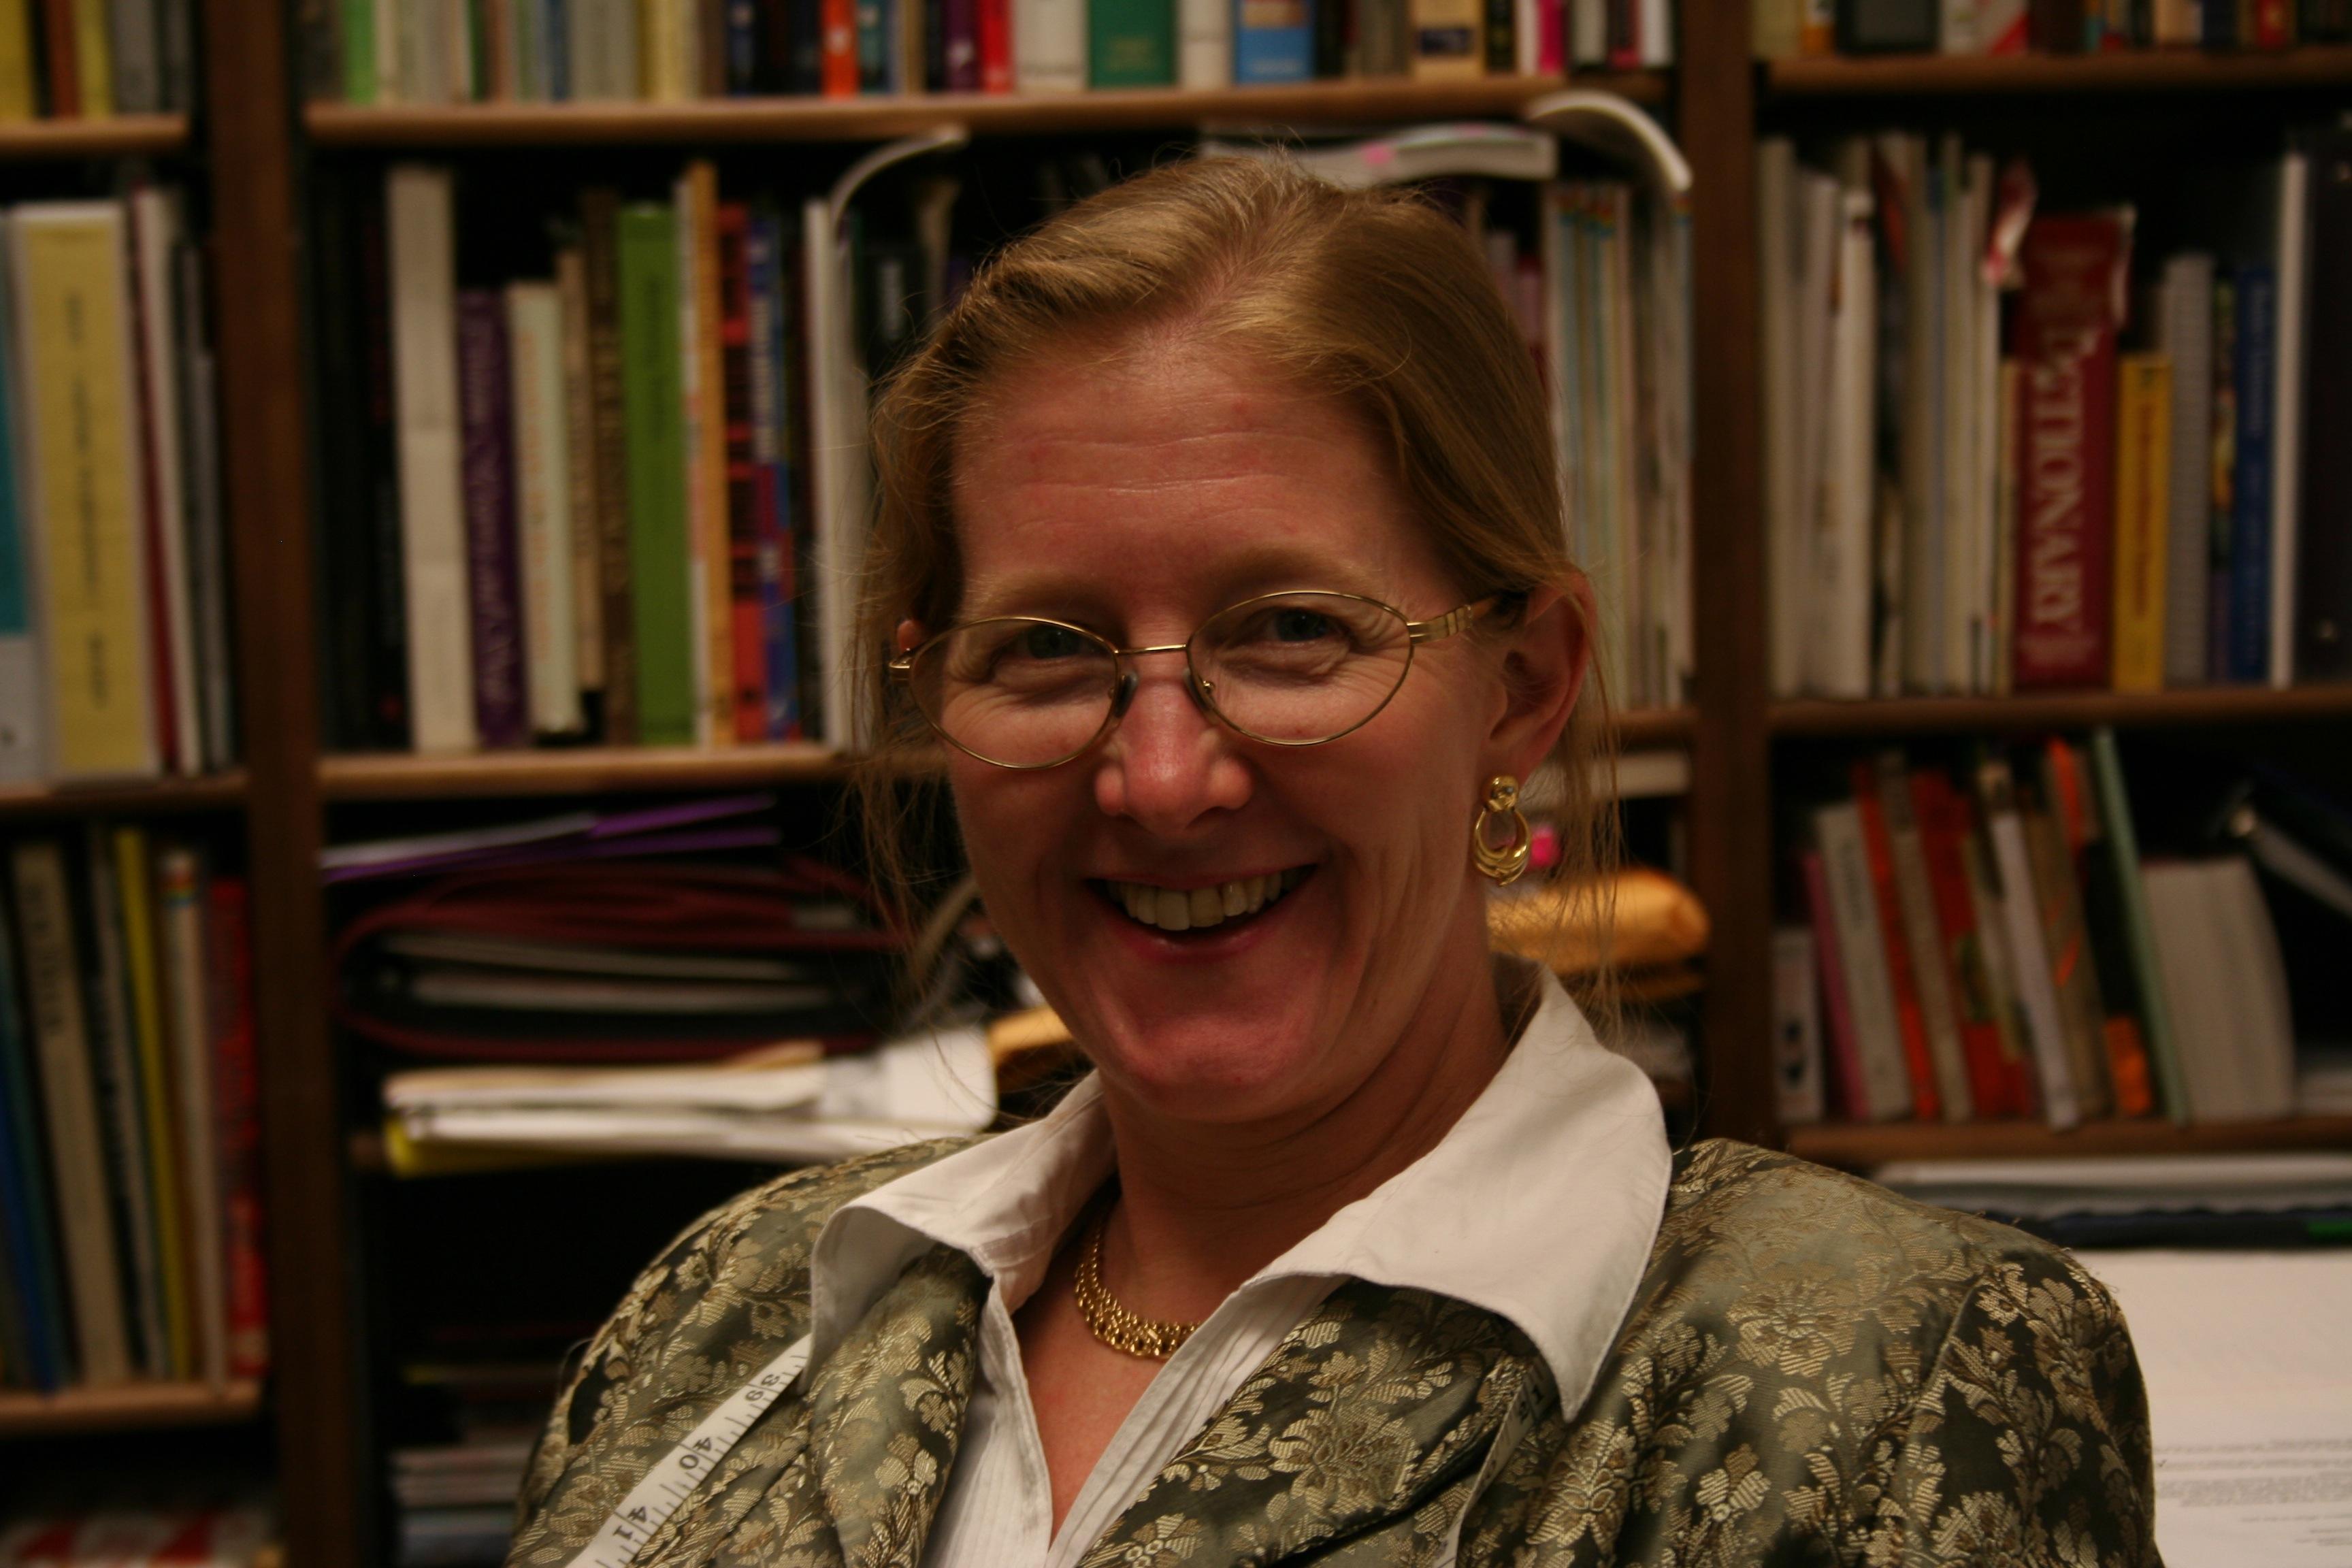 Wendy Meaden